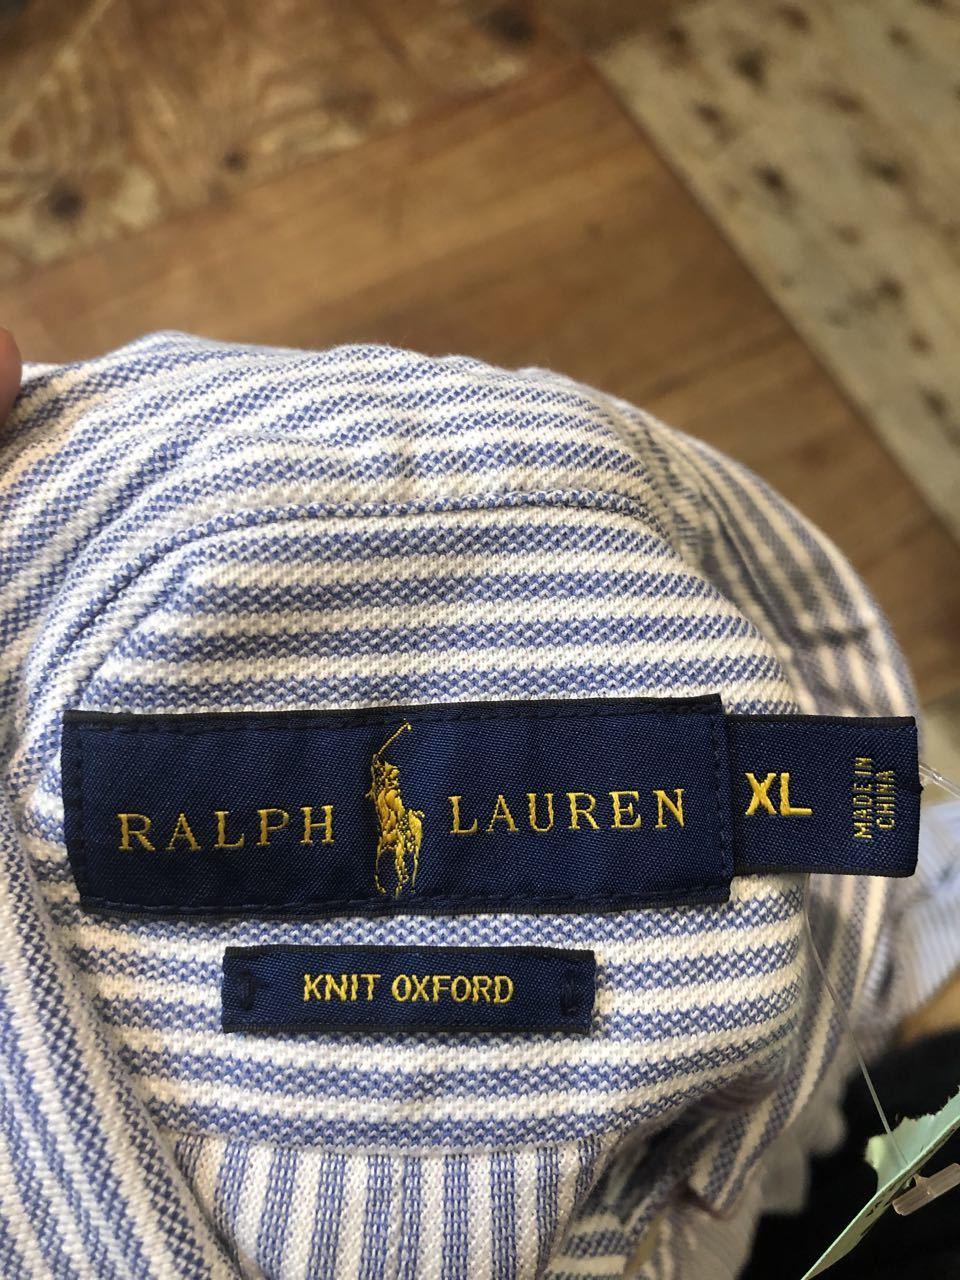 5/30(土)入荷!Ralph Lauren ラルフローレン プルオーバー ストライプ ボタンダウンシャツ!_c0144020_13522218.jpg